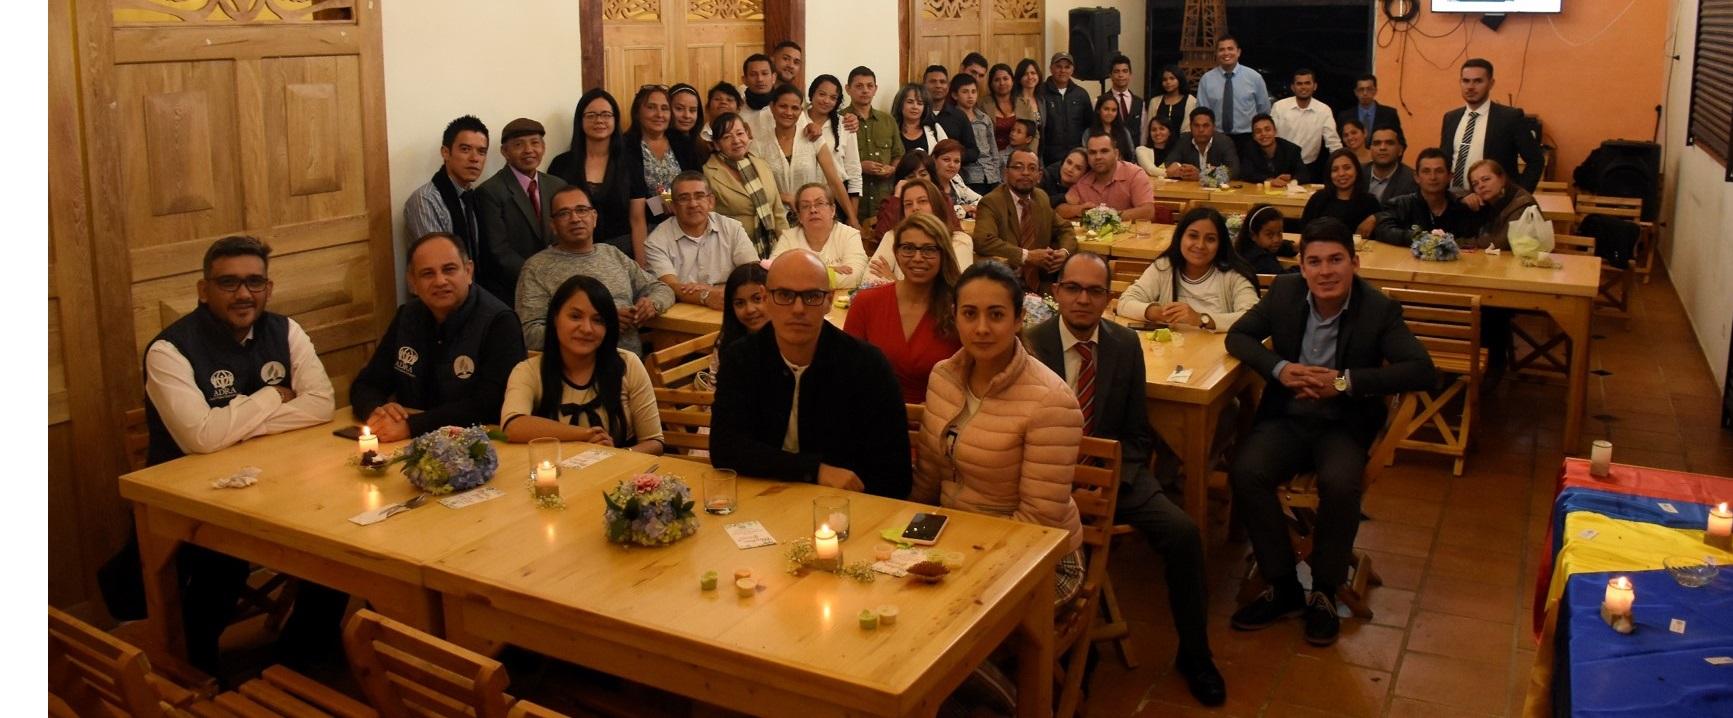 Miembros de la IASD en Antioquia realizaron una cena con sabor a solidaridad